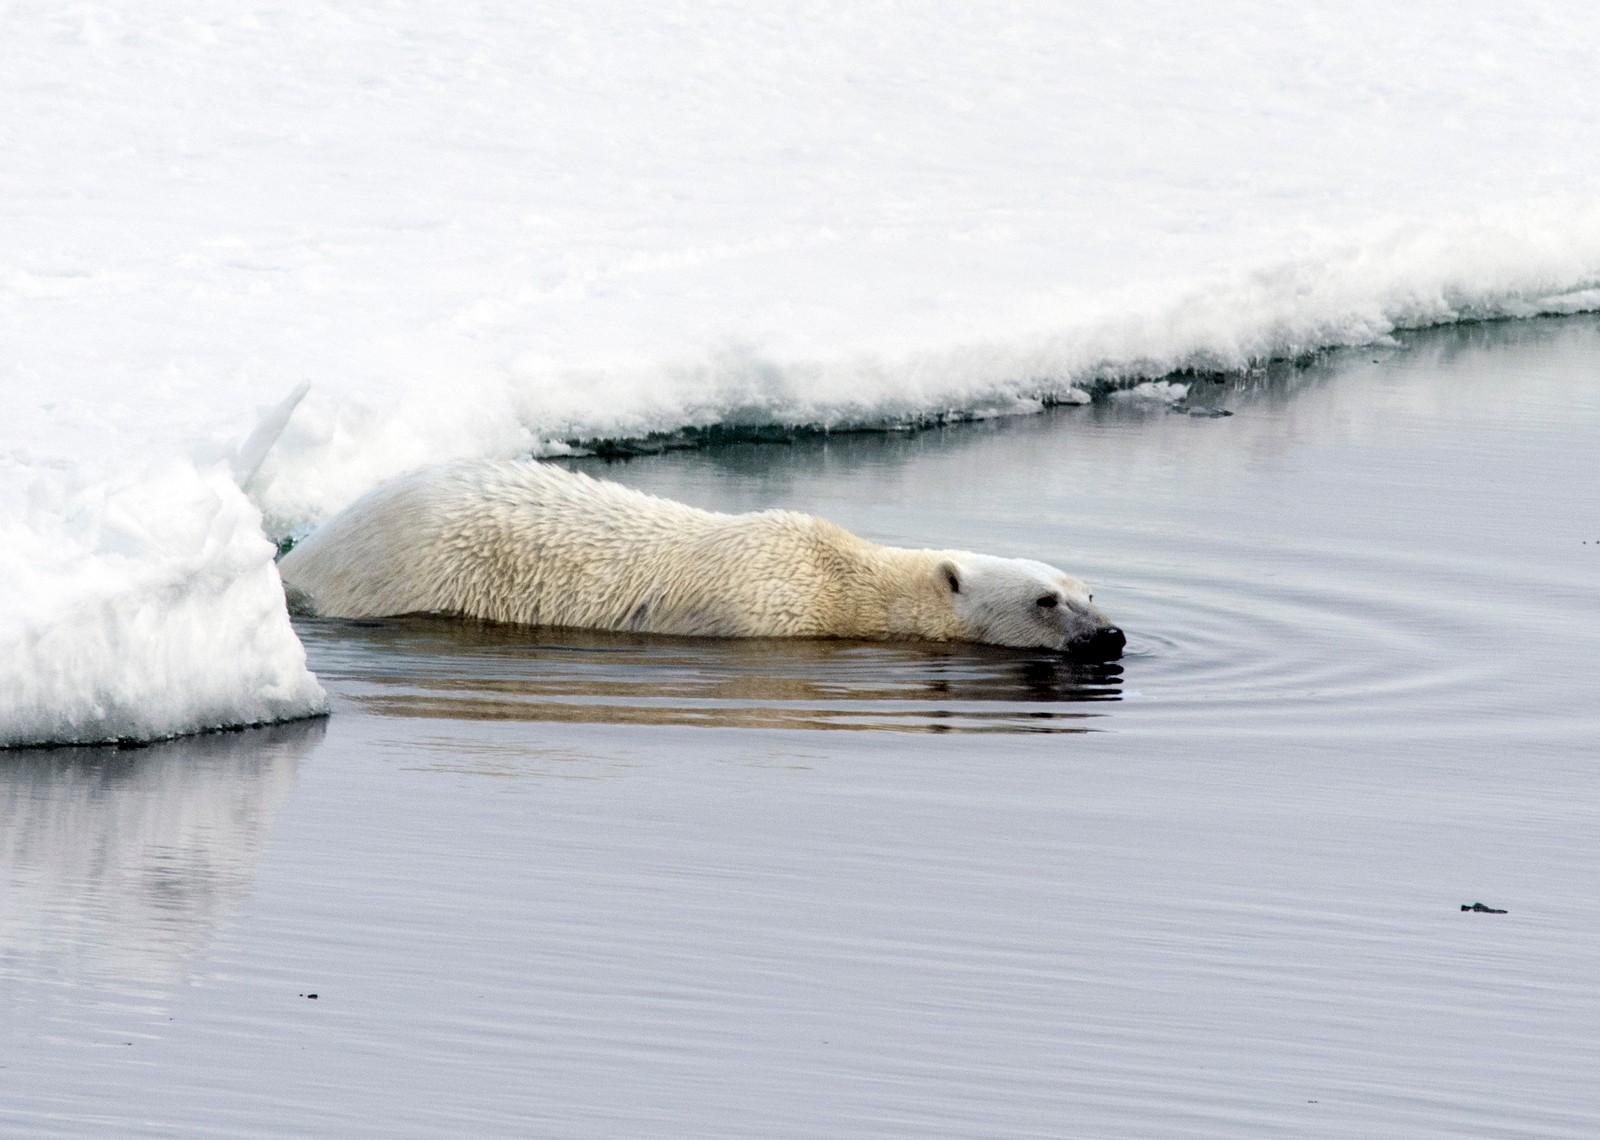 VED ISKANTEN: Isbjørnen finner mat der isen møter havet, og flytter seg derfor etter iskanten når den trekker seg frem og tilbake om vinteren og sommeren.